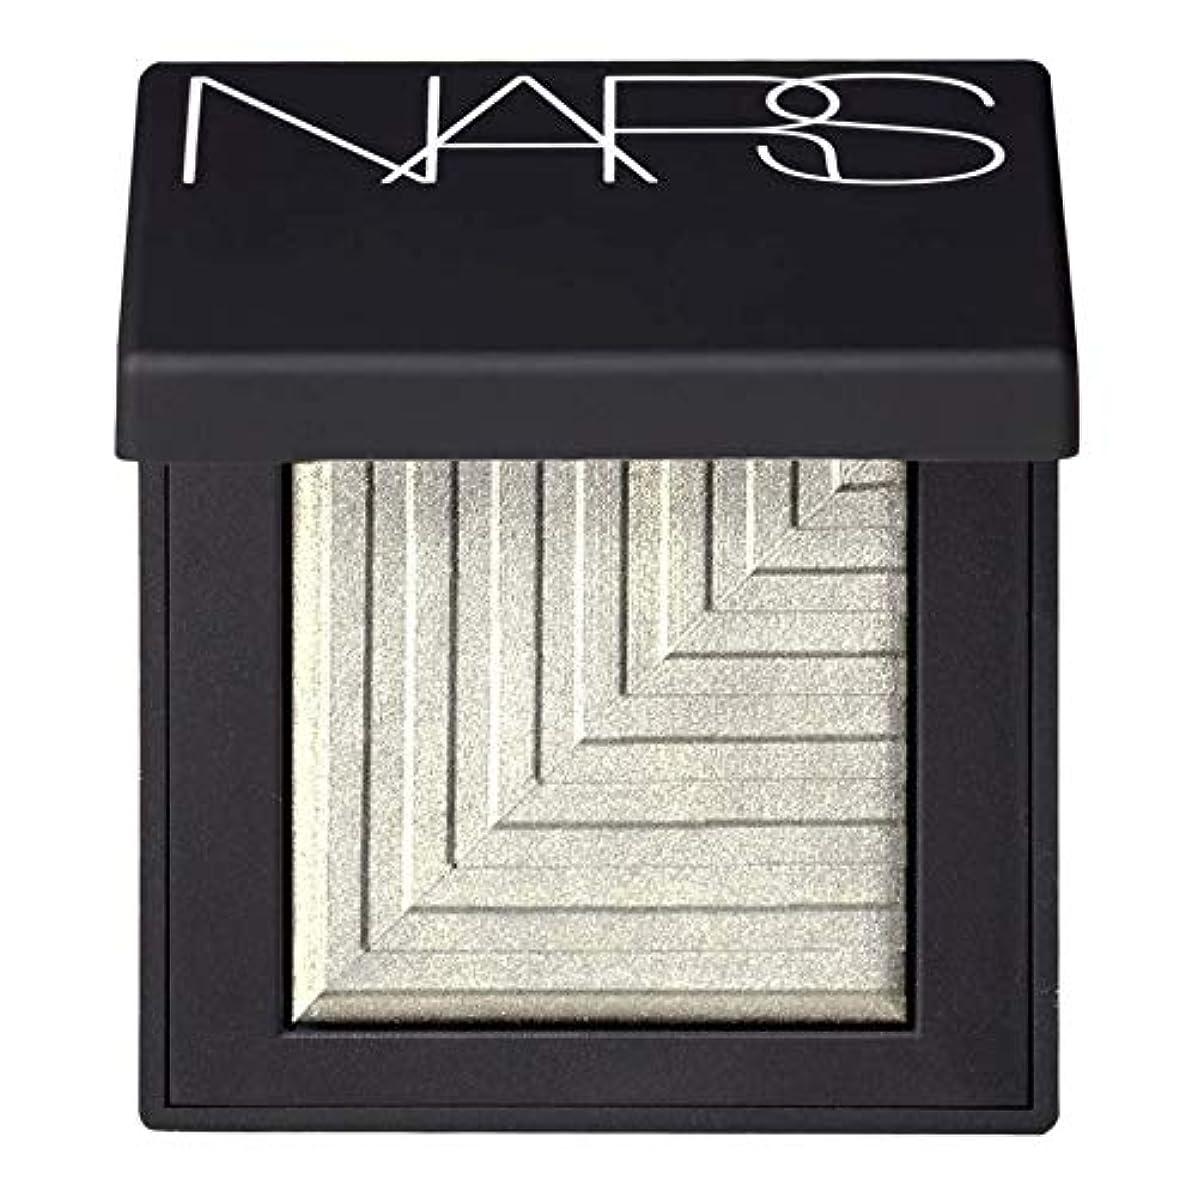 タイプ放棄みなさん[NARS] Narはデュアル強度アイシャドウアンタレス - Nars Dual Intensity Eyeshadow Antares [並行輸入品]